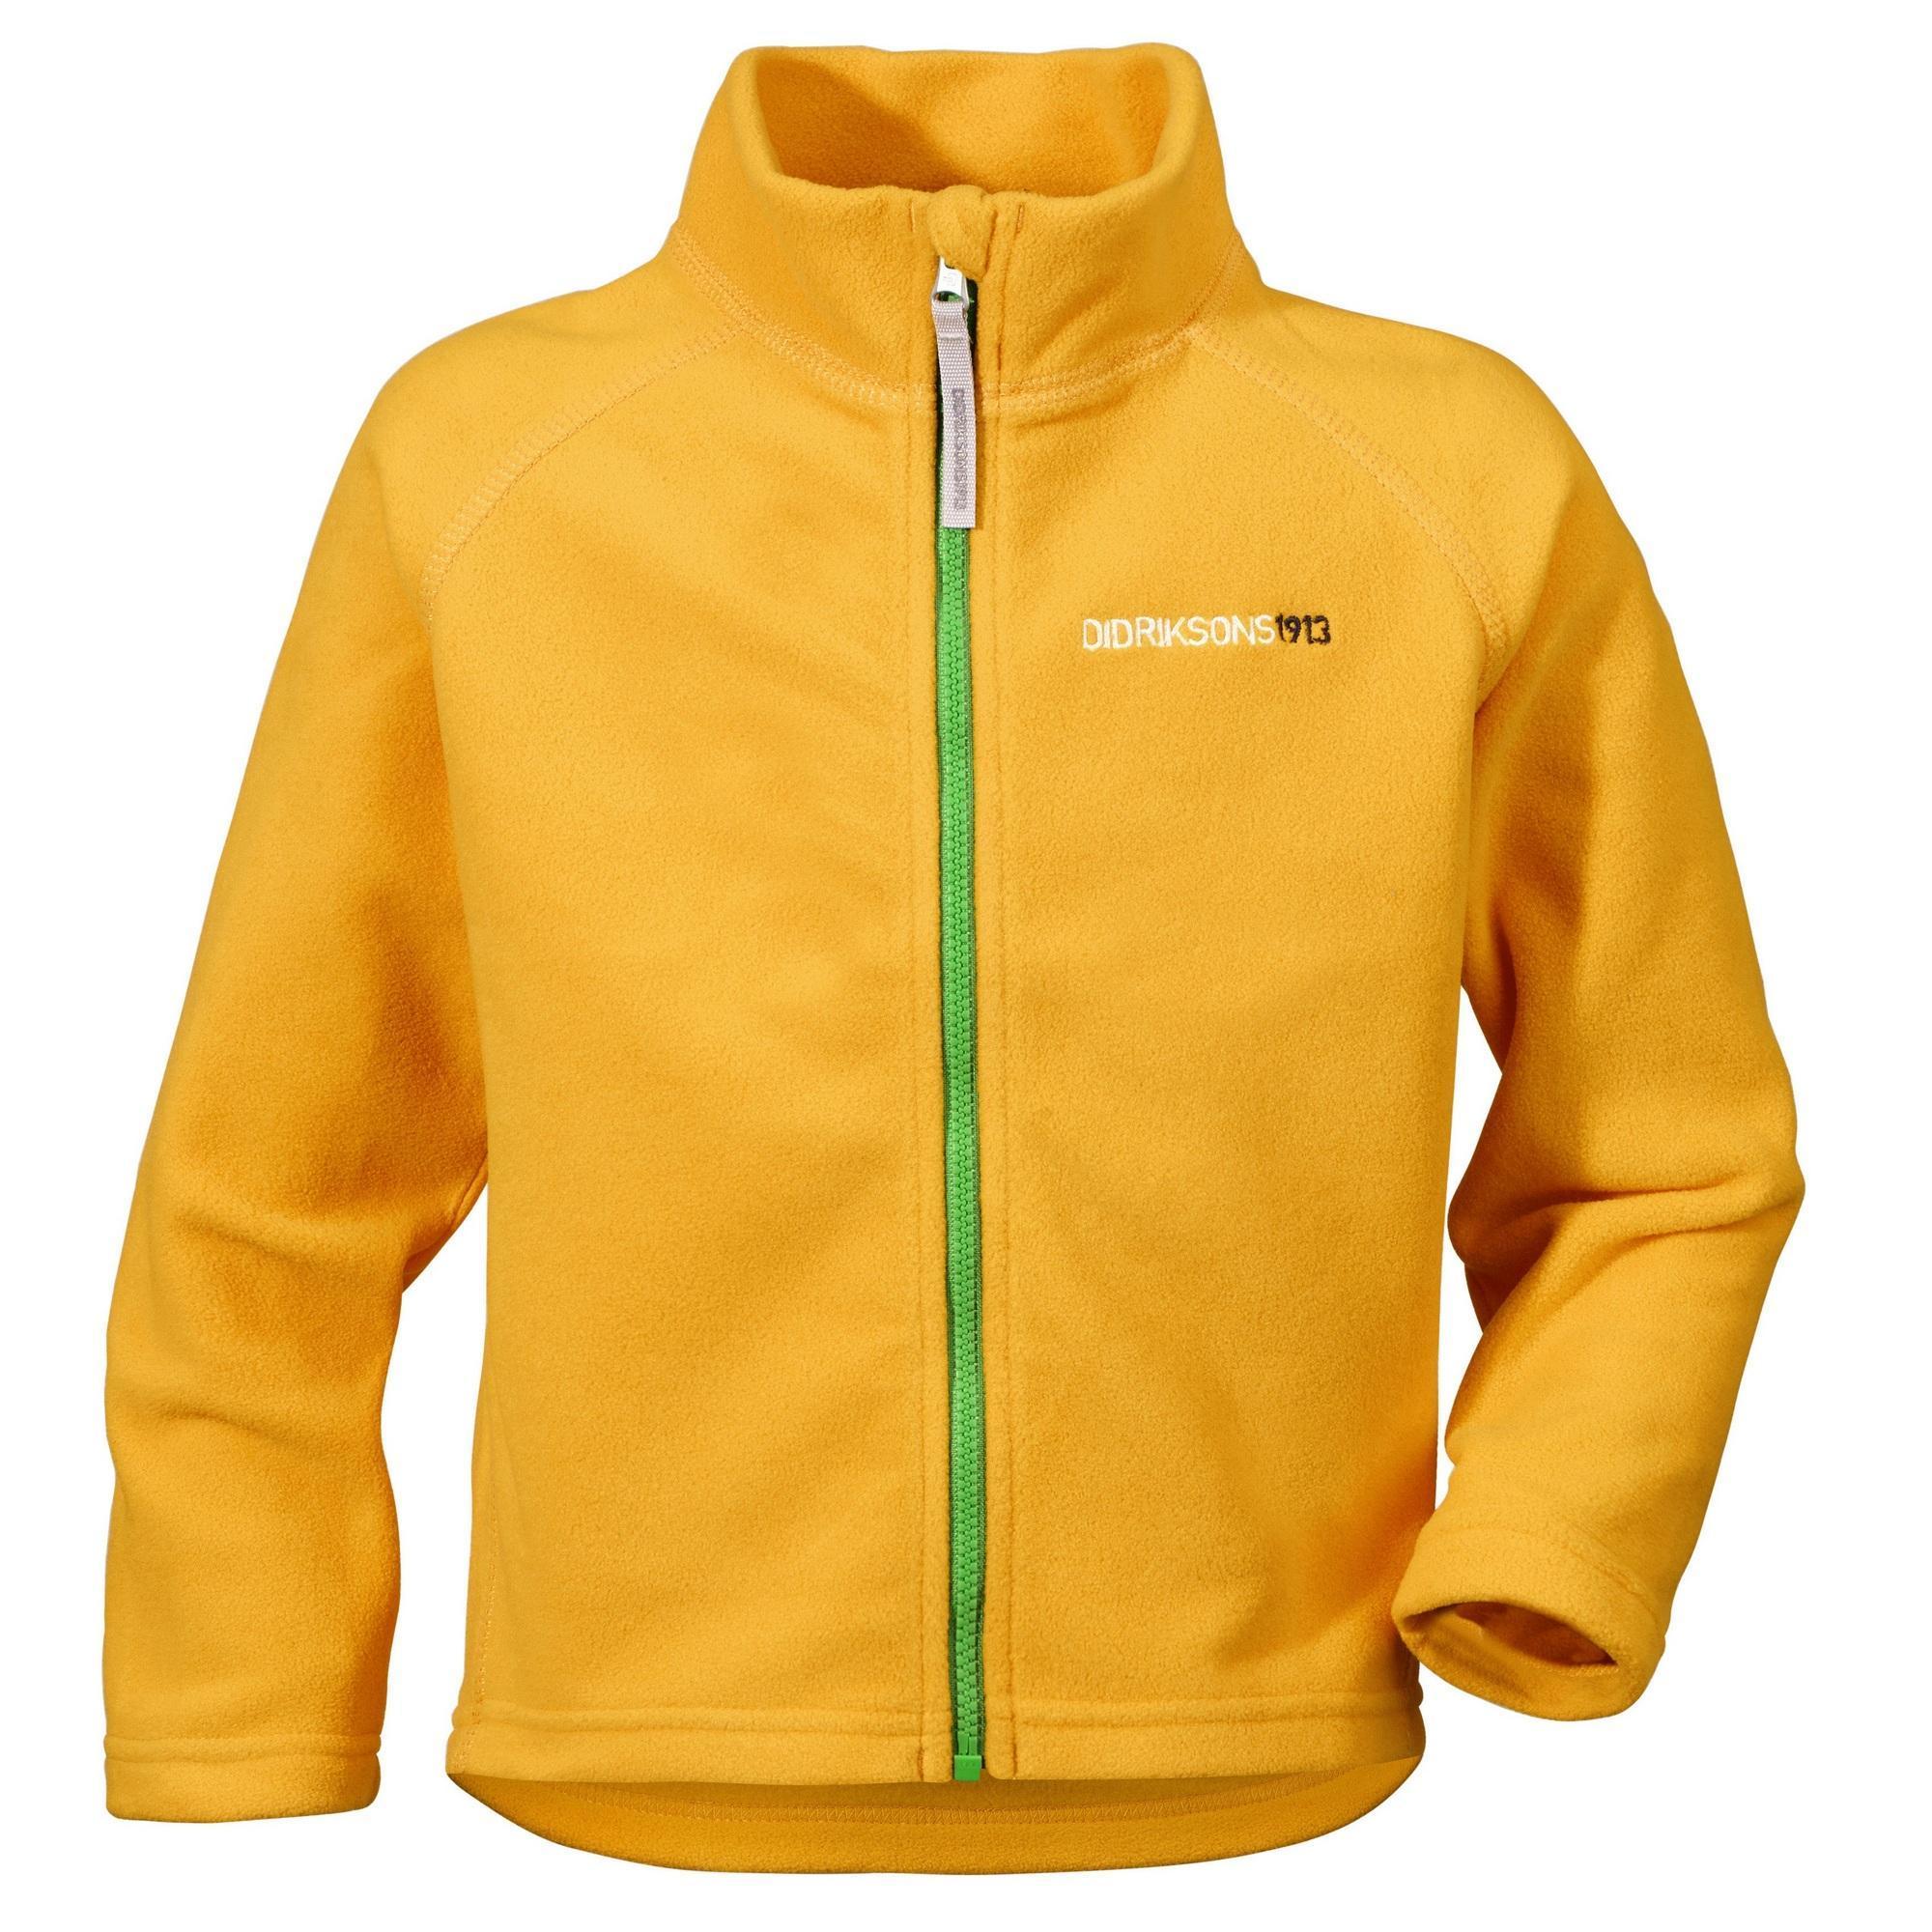 Куртка для детей Didriksons Monte kids - Mandarine (желтый)